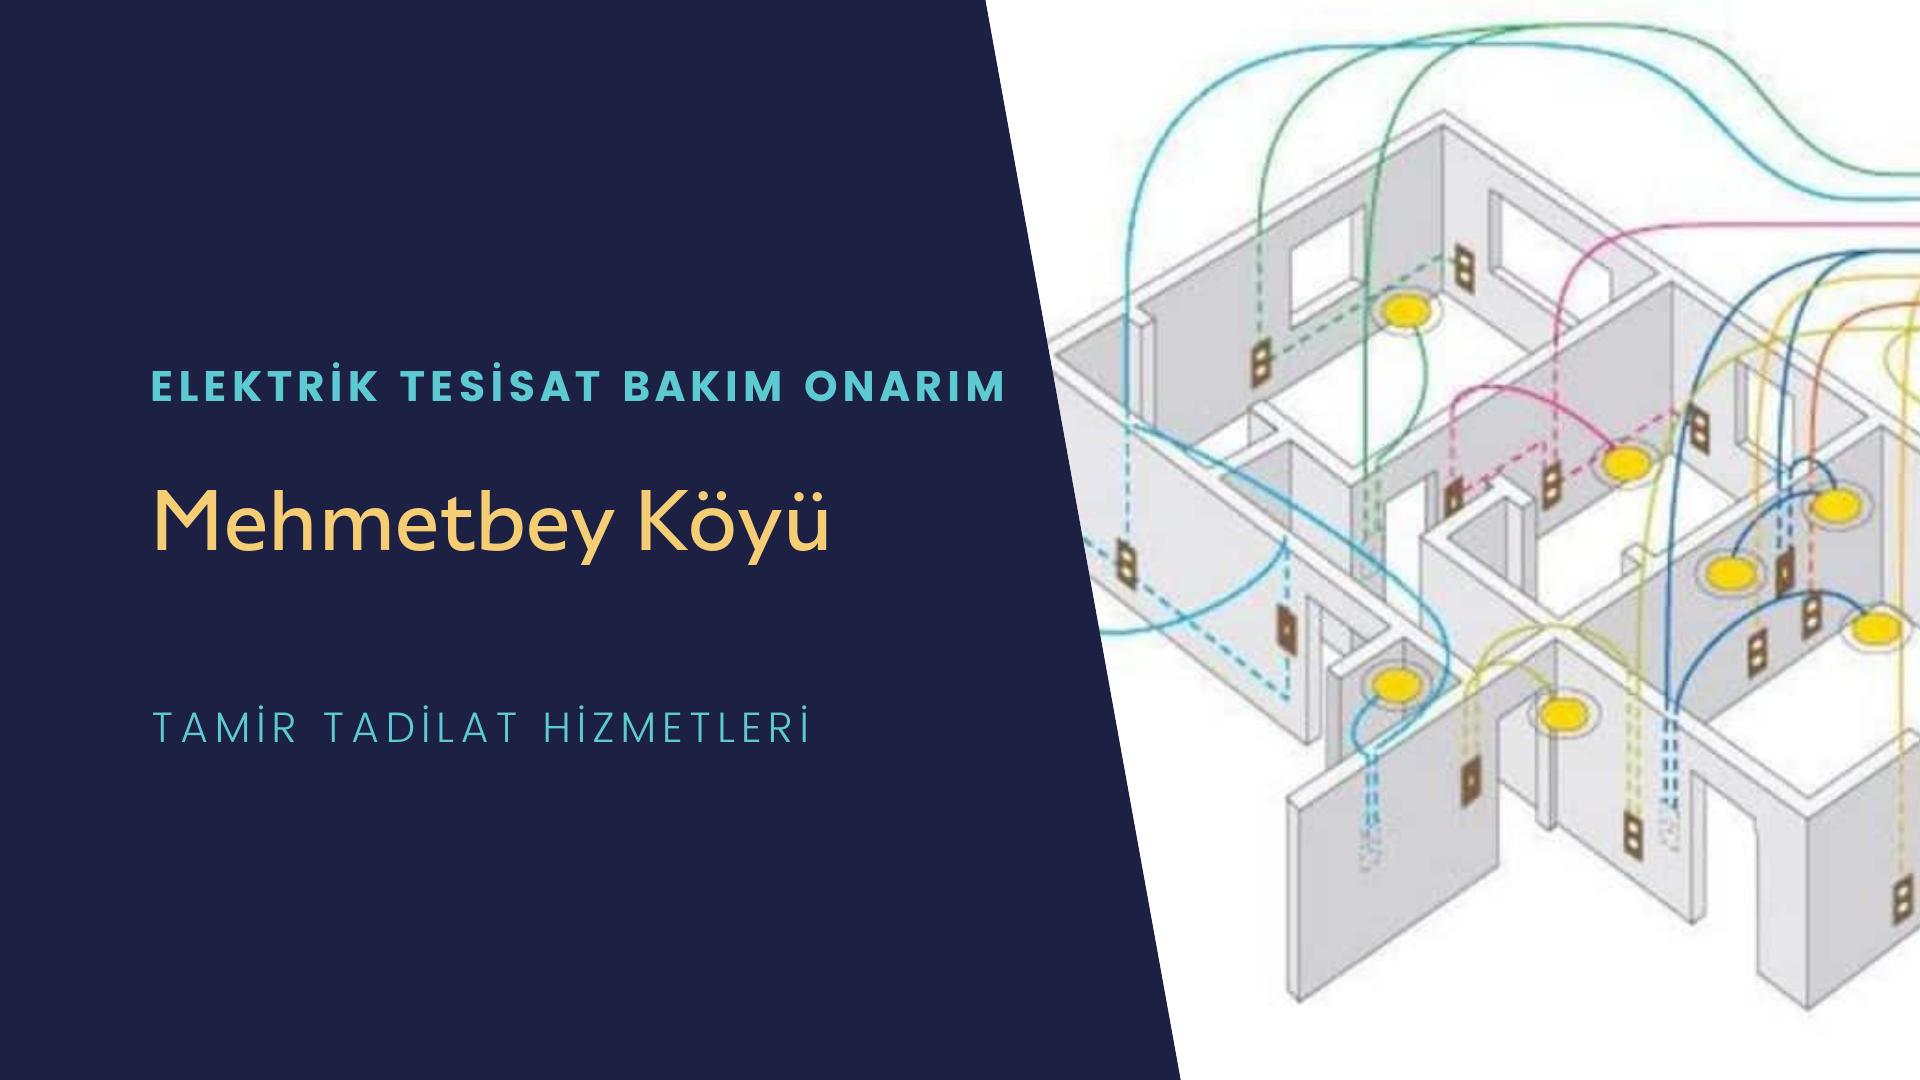 Mehmetbey Köyü  elektrik tesisatıustalarımı arıyorsunuz doğru adrestenizi Mehmetbey Köyü elektrik tesisatı ustalarımız 7/24 sizlere hizmet vermekten mutluluk duyar.